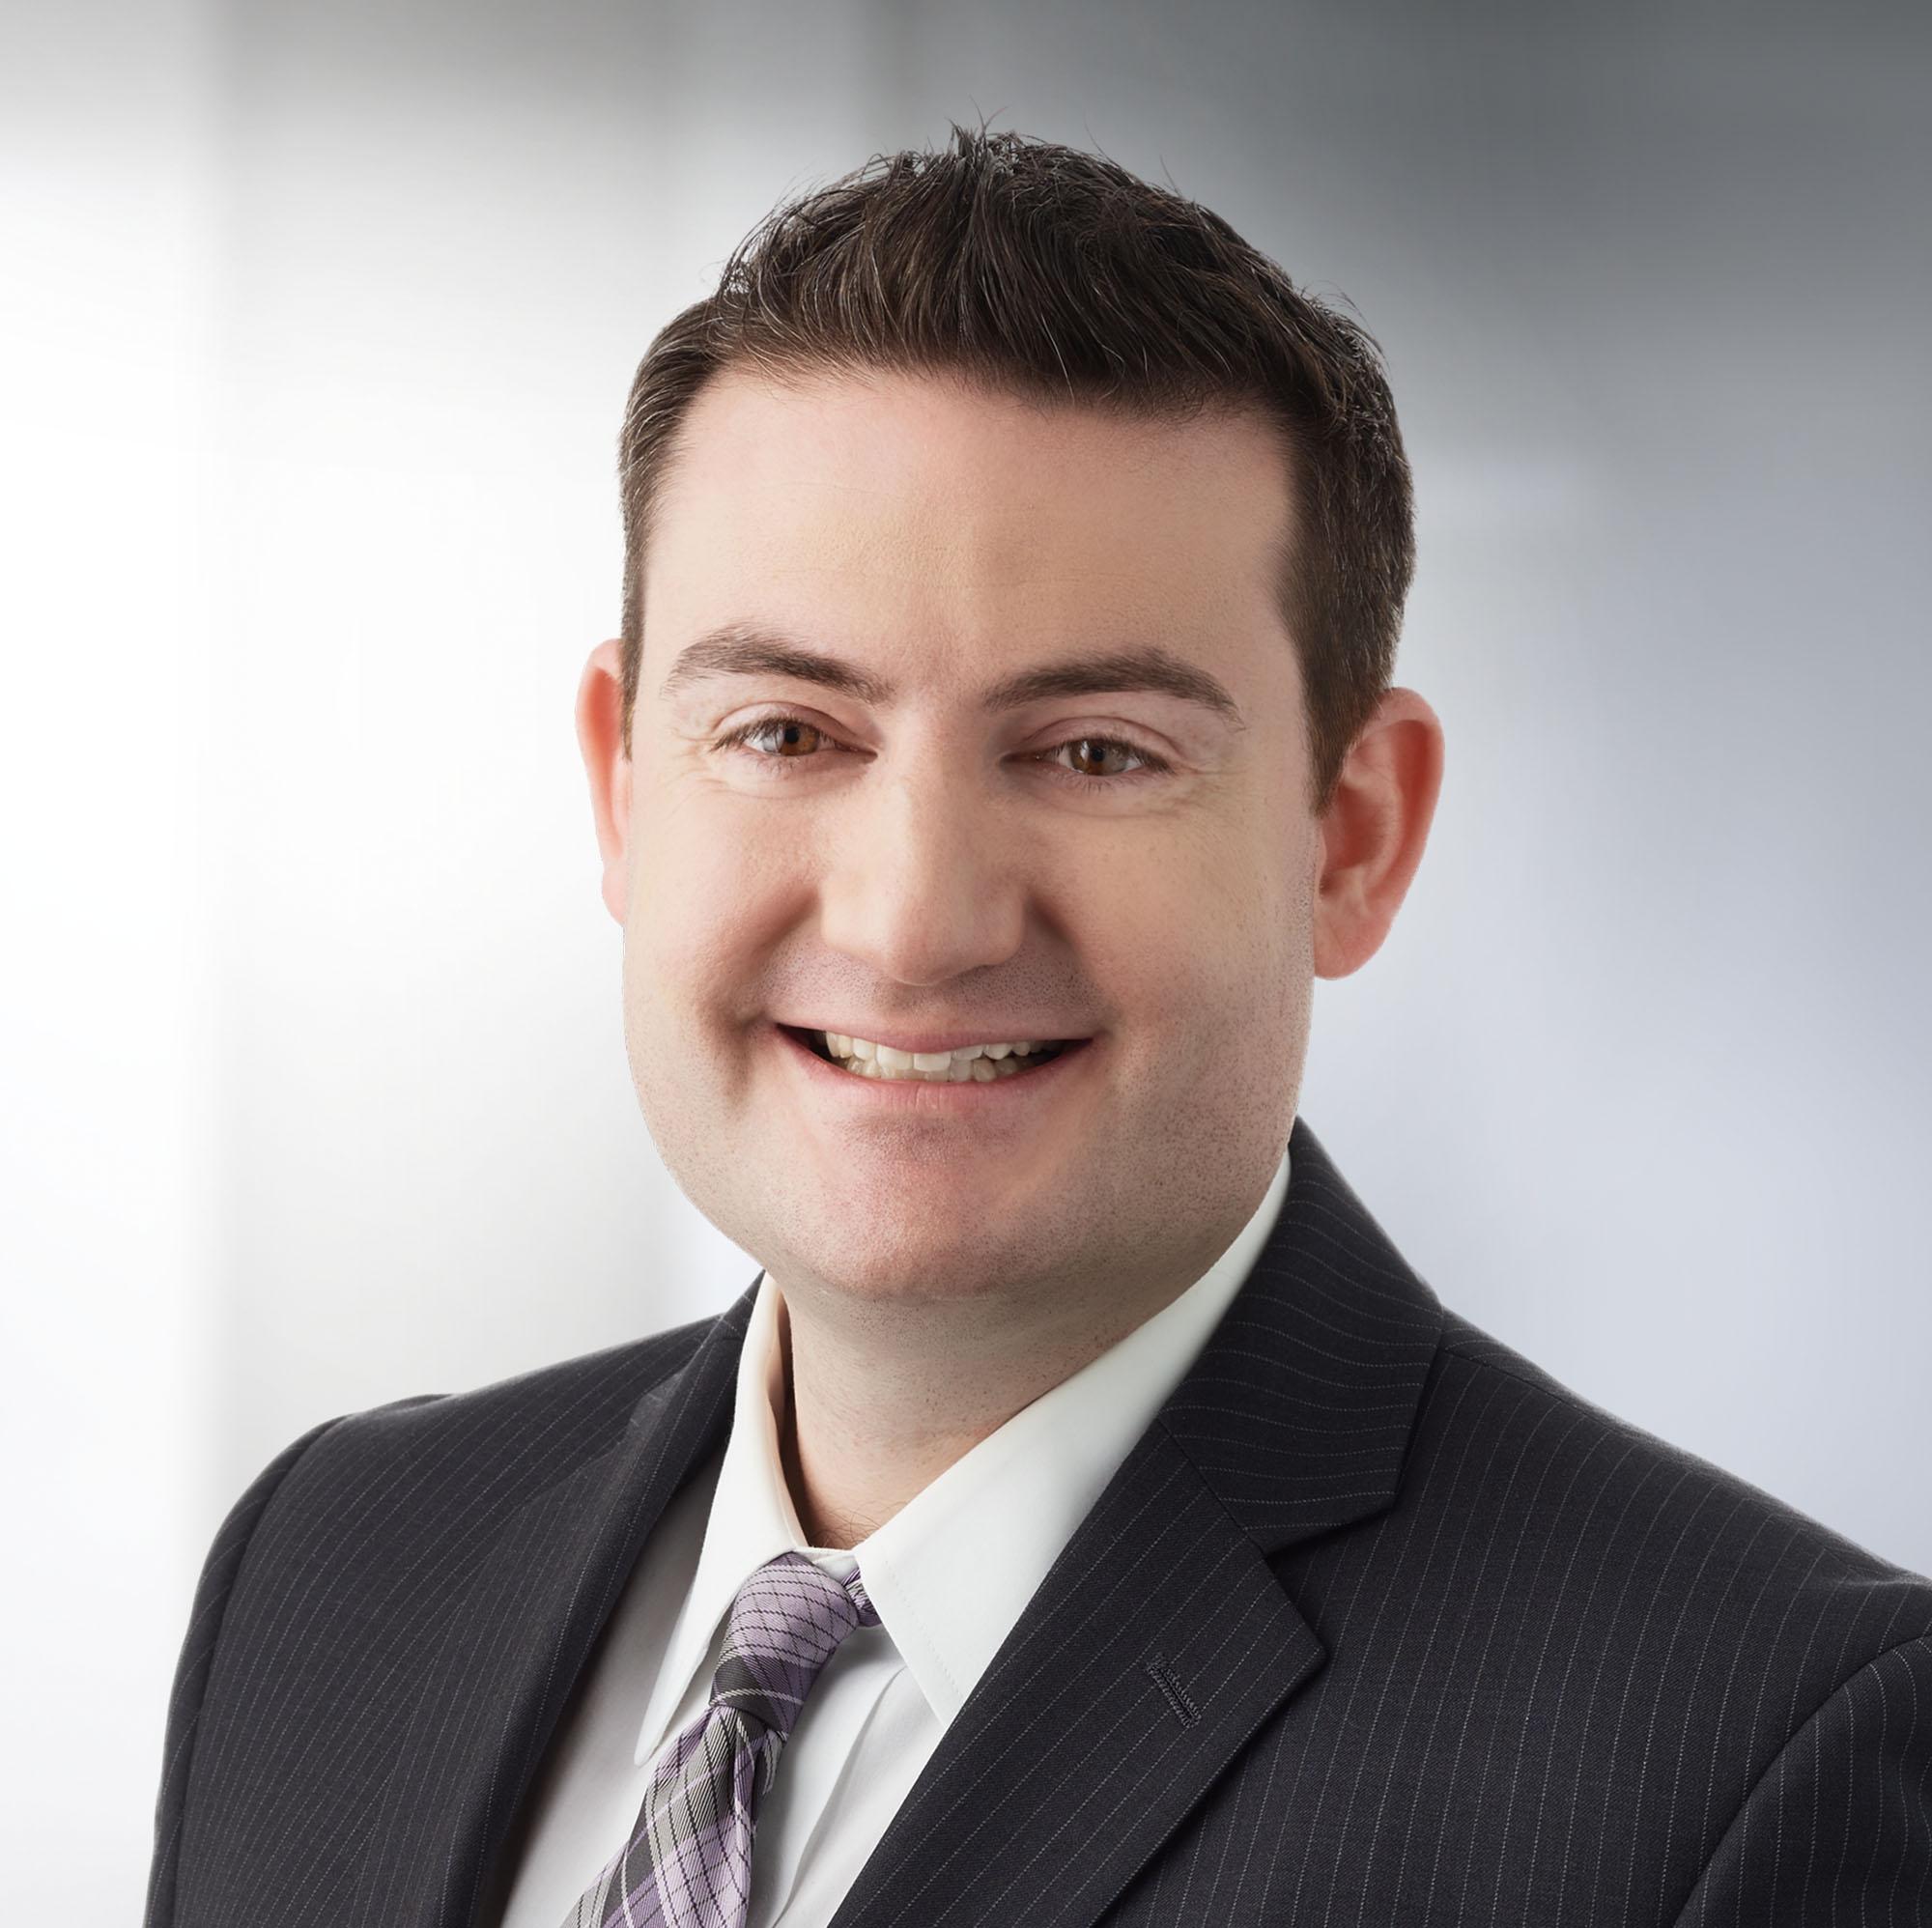 Steven D. Bennett